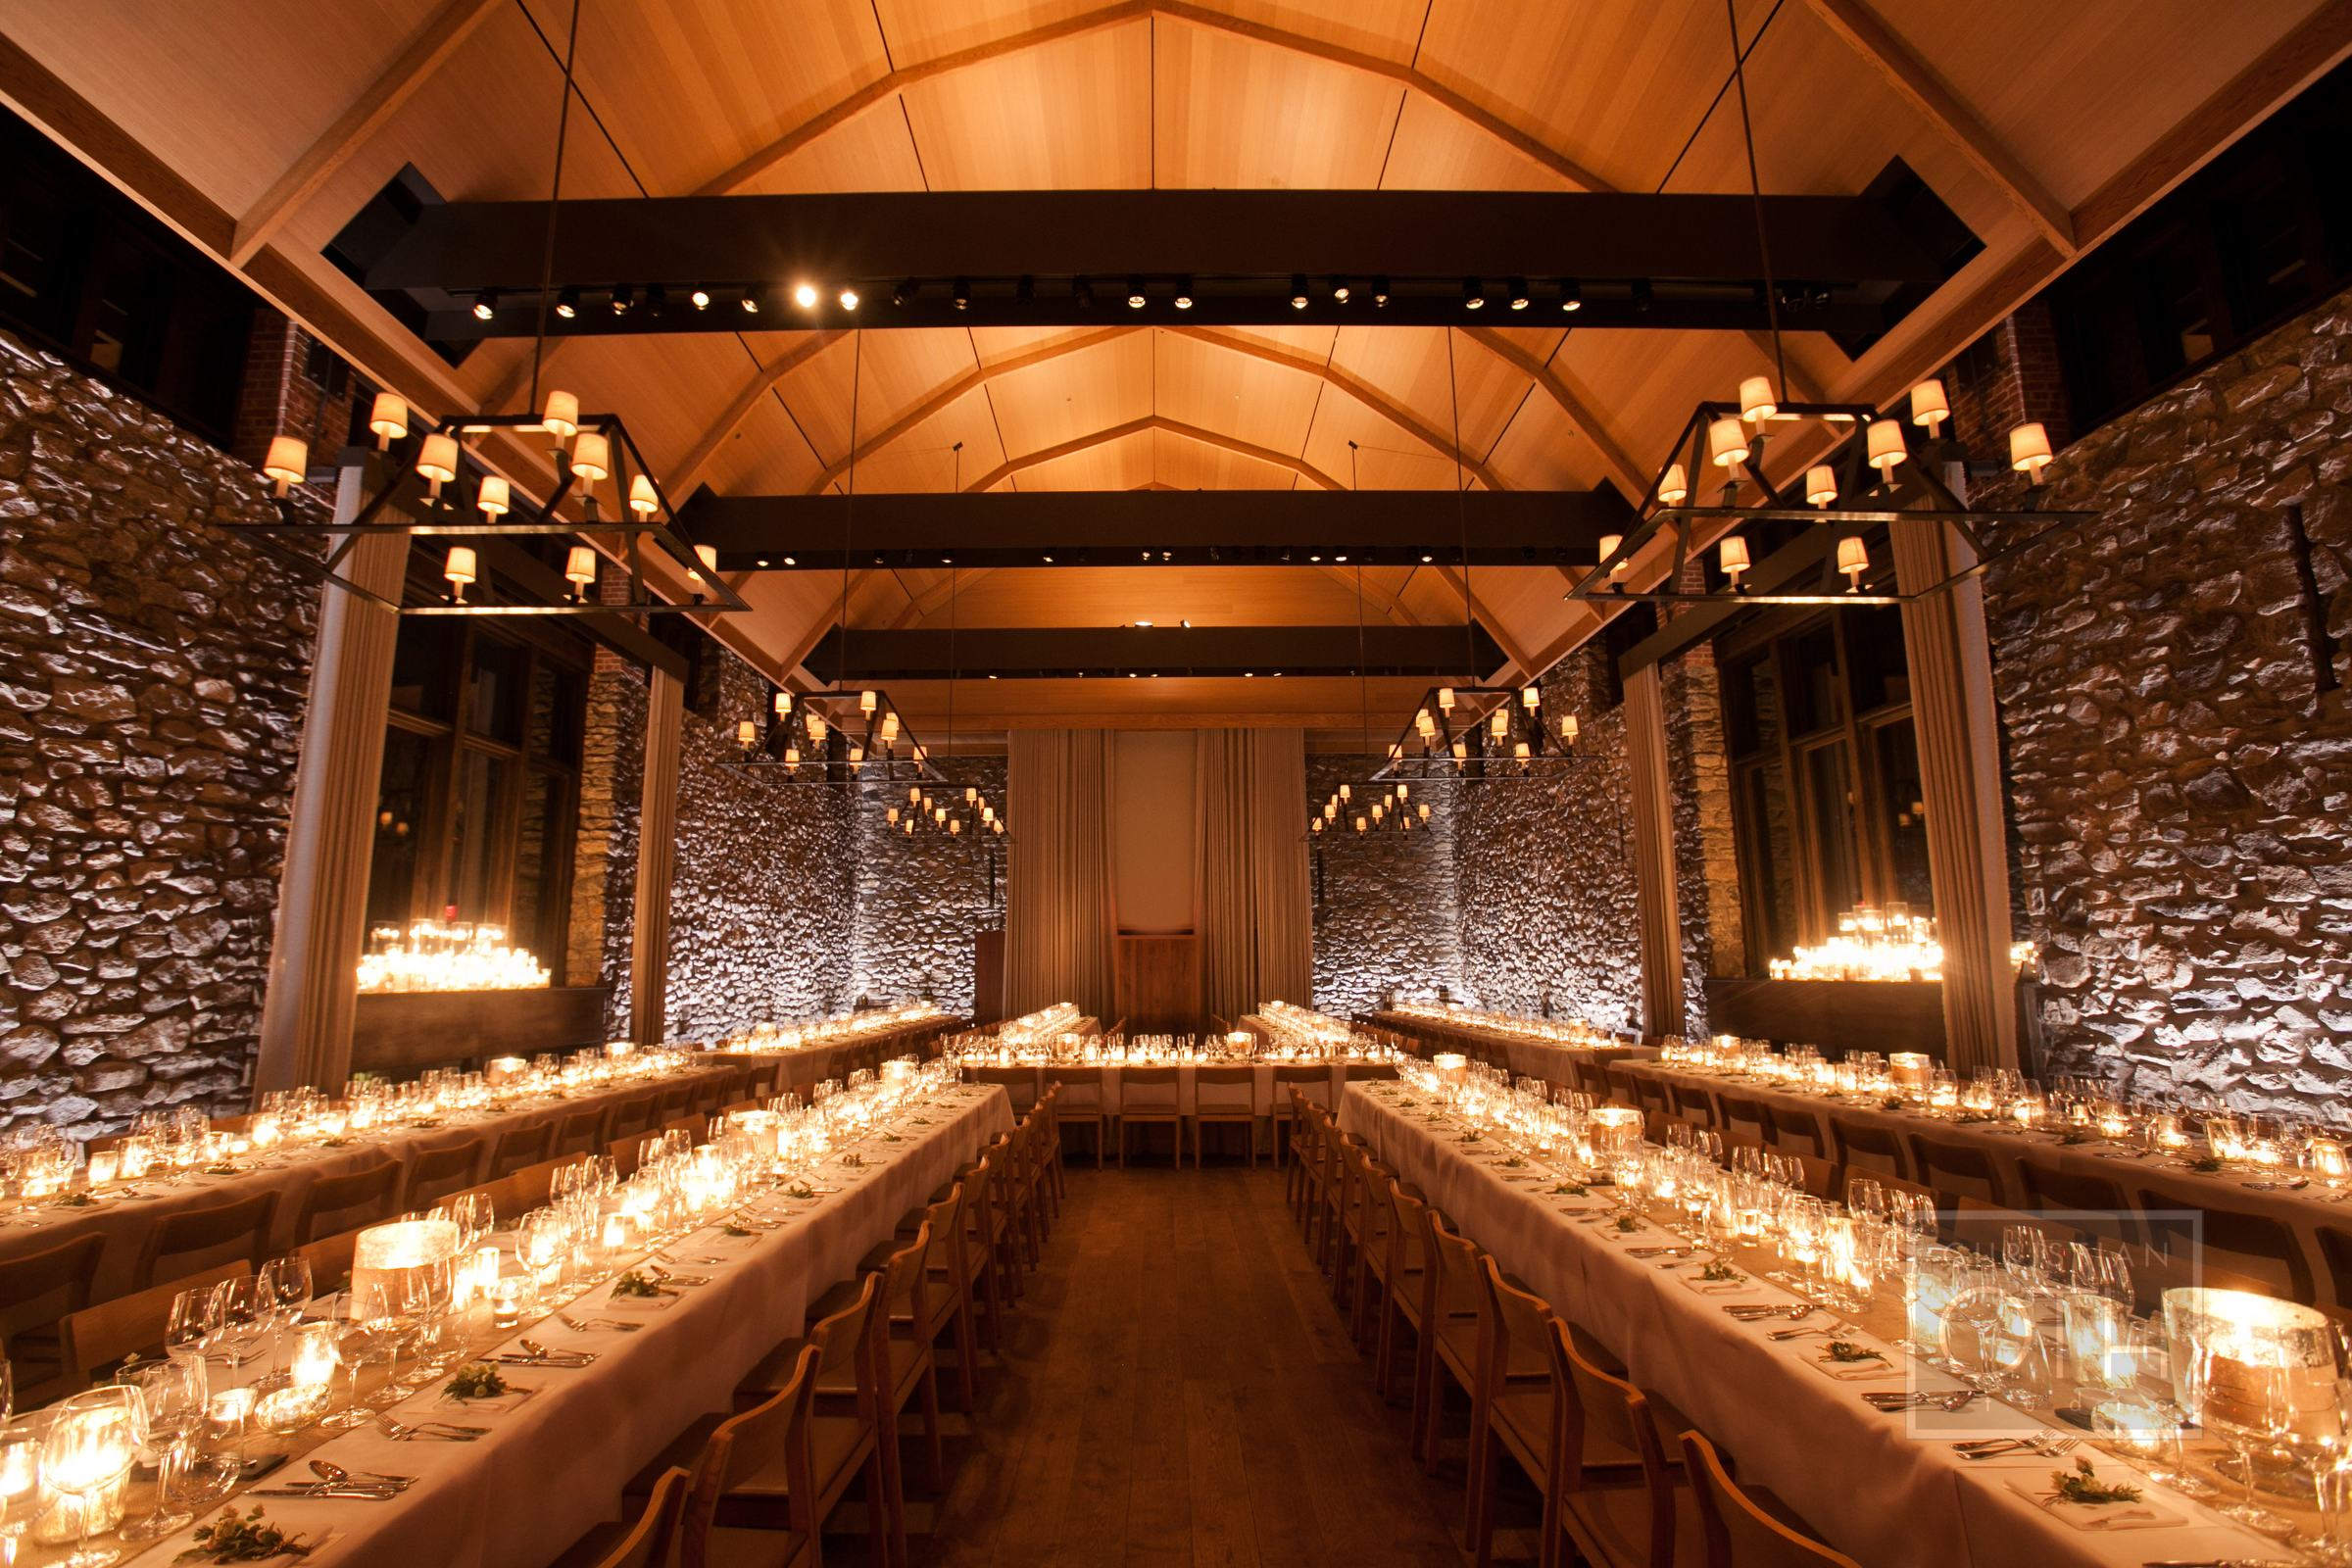 New York Reception Venue With Stone Walls Elizabeth Anne Designs The Wedding Blog